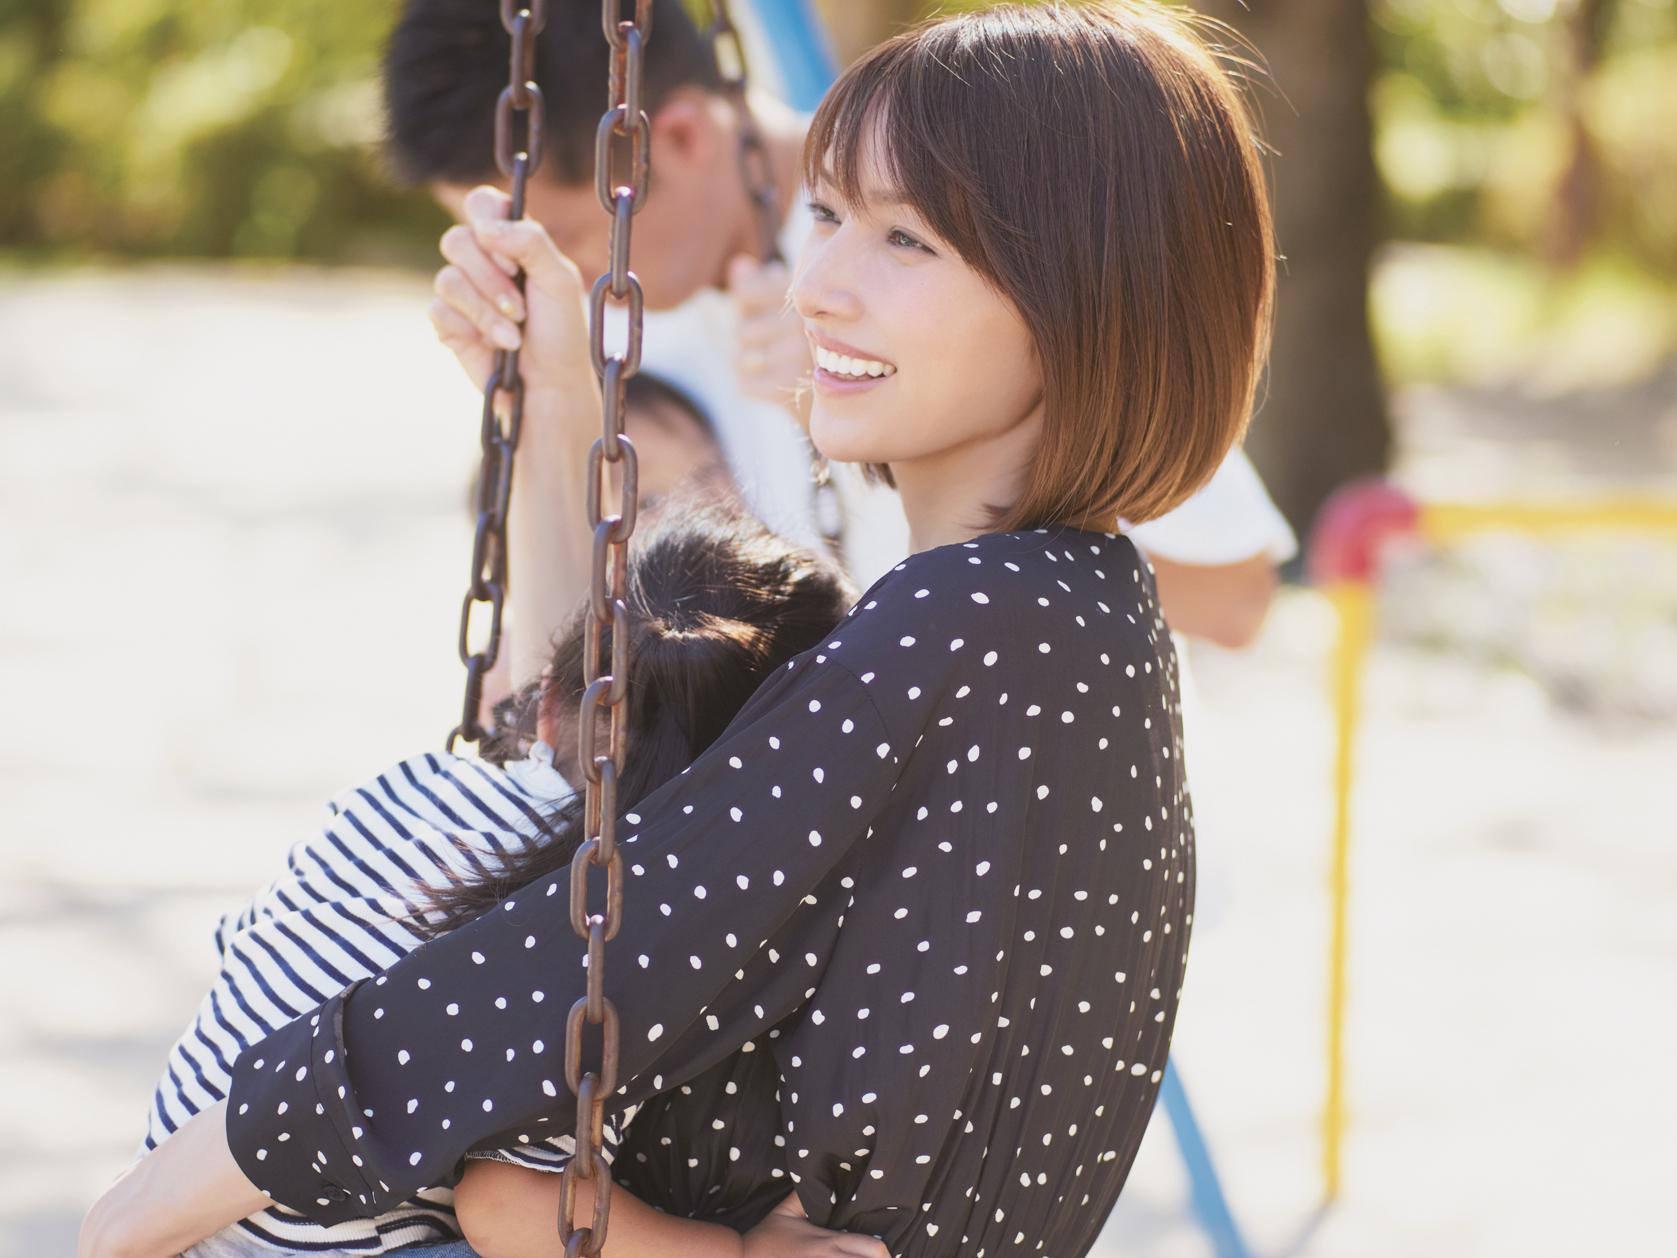 「保育園ママたちに教わることも多い毎日です」キレイすぎる働くママ!後藤真希さんインタビュー